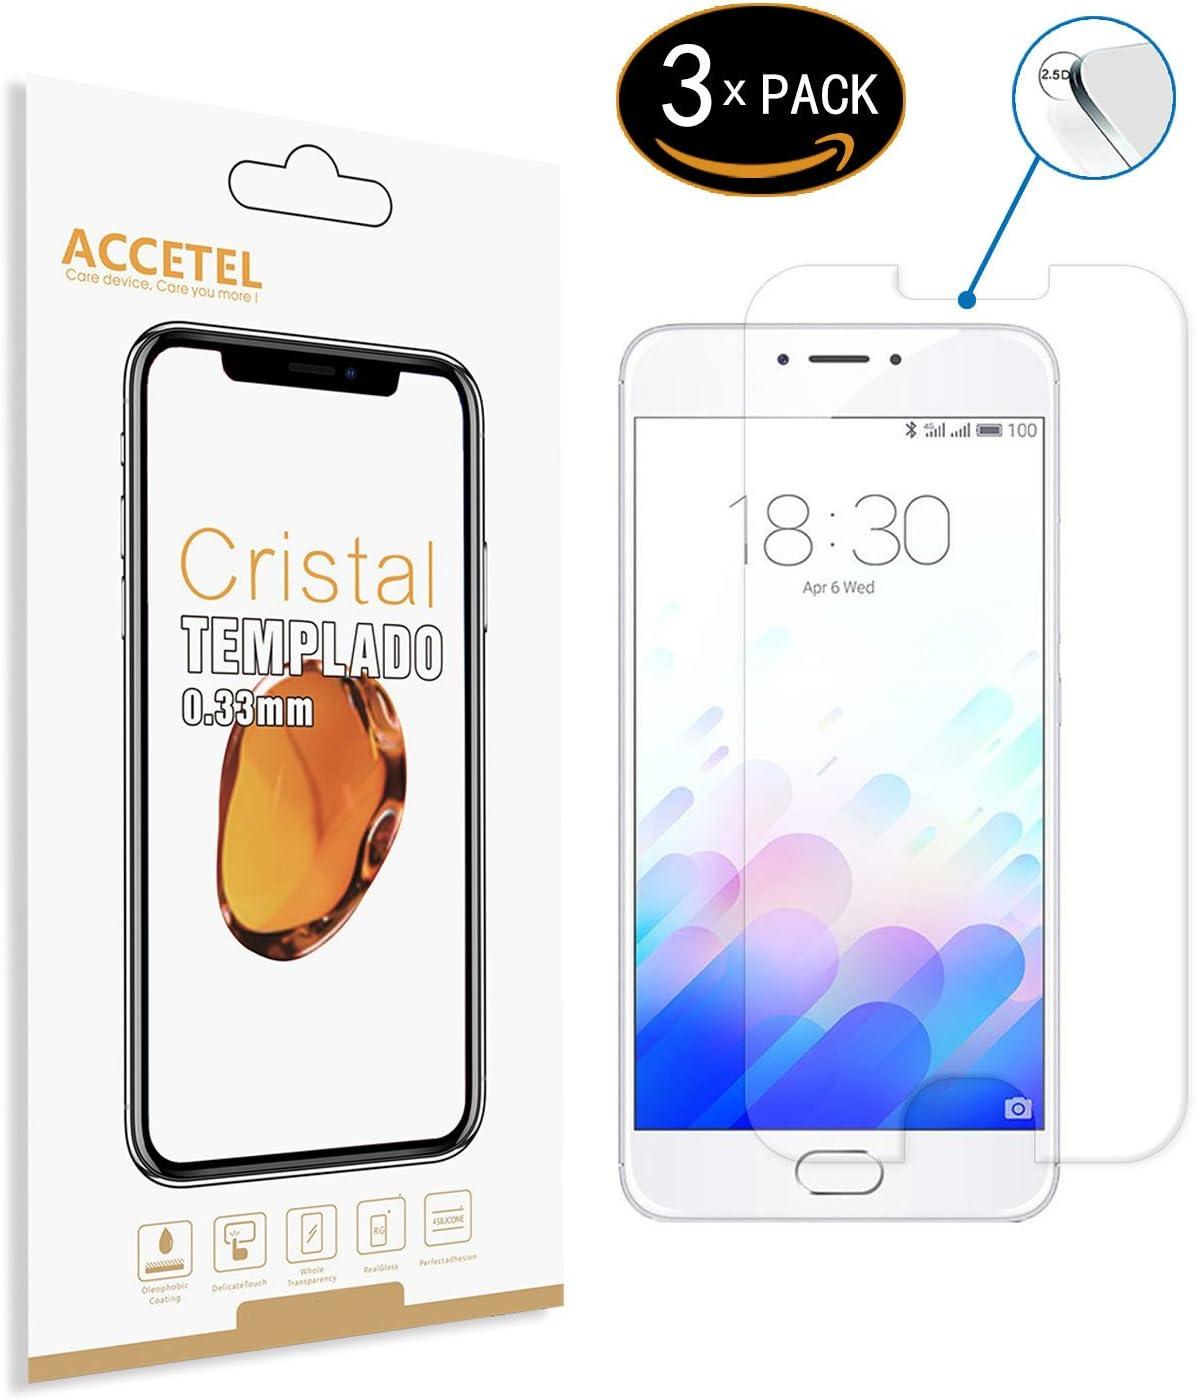 RE3O Protector de Pantalla Compatible con Meizu M3 Note Protector Cristal Vidrio Templado para Meizu M3 Note 5.5 Pulgadas Transparente 2-Pack: Amazon.es: Electrónica